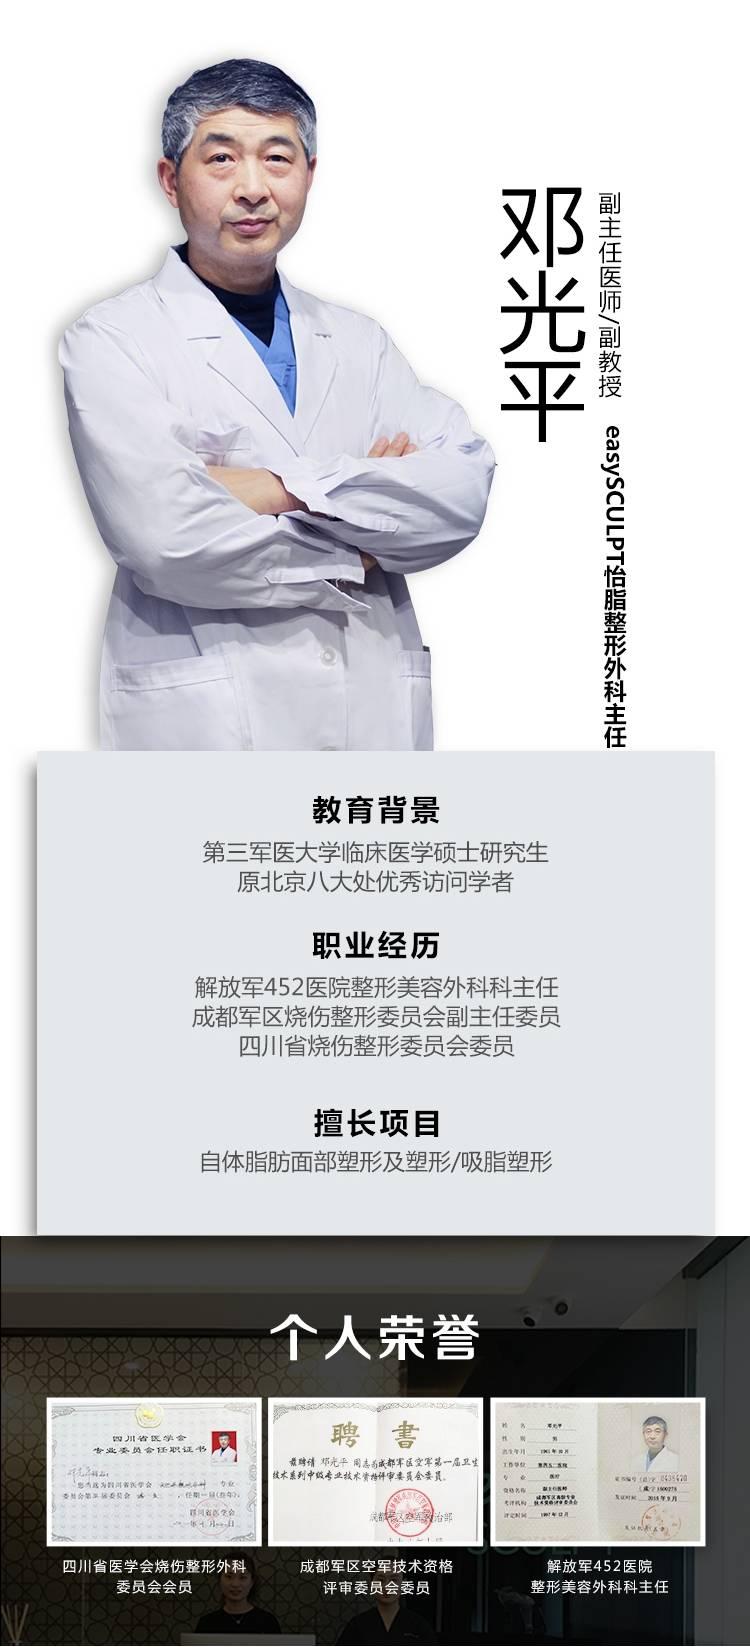 邓光平医生